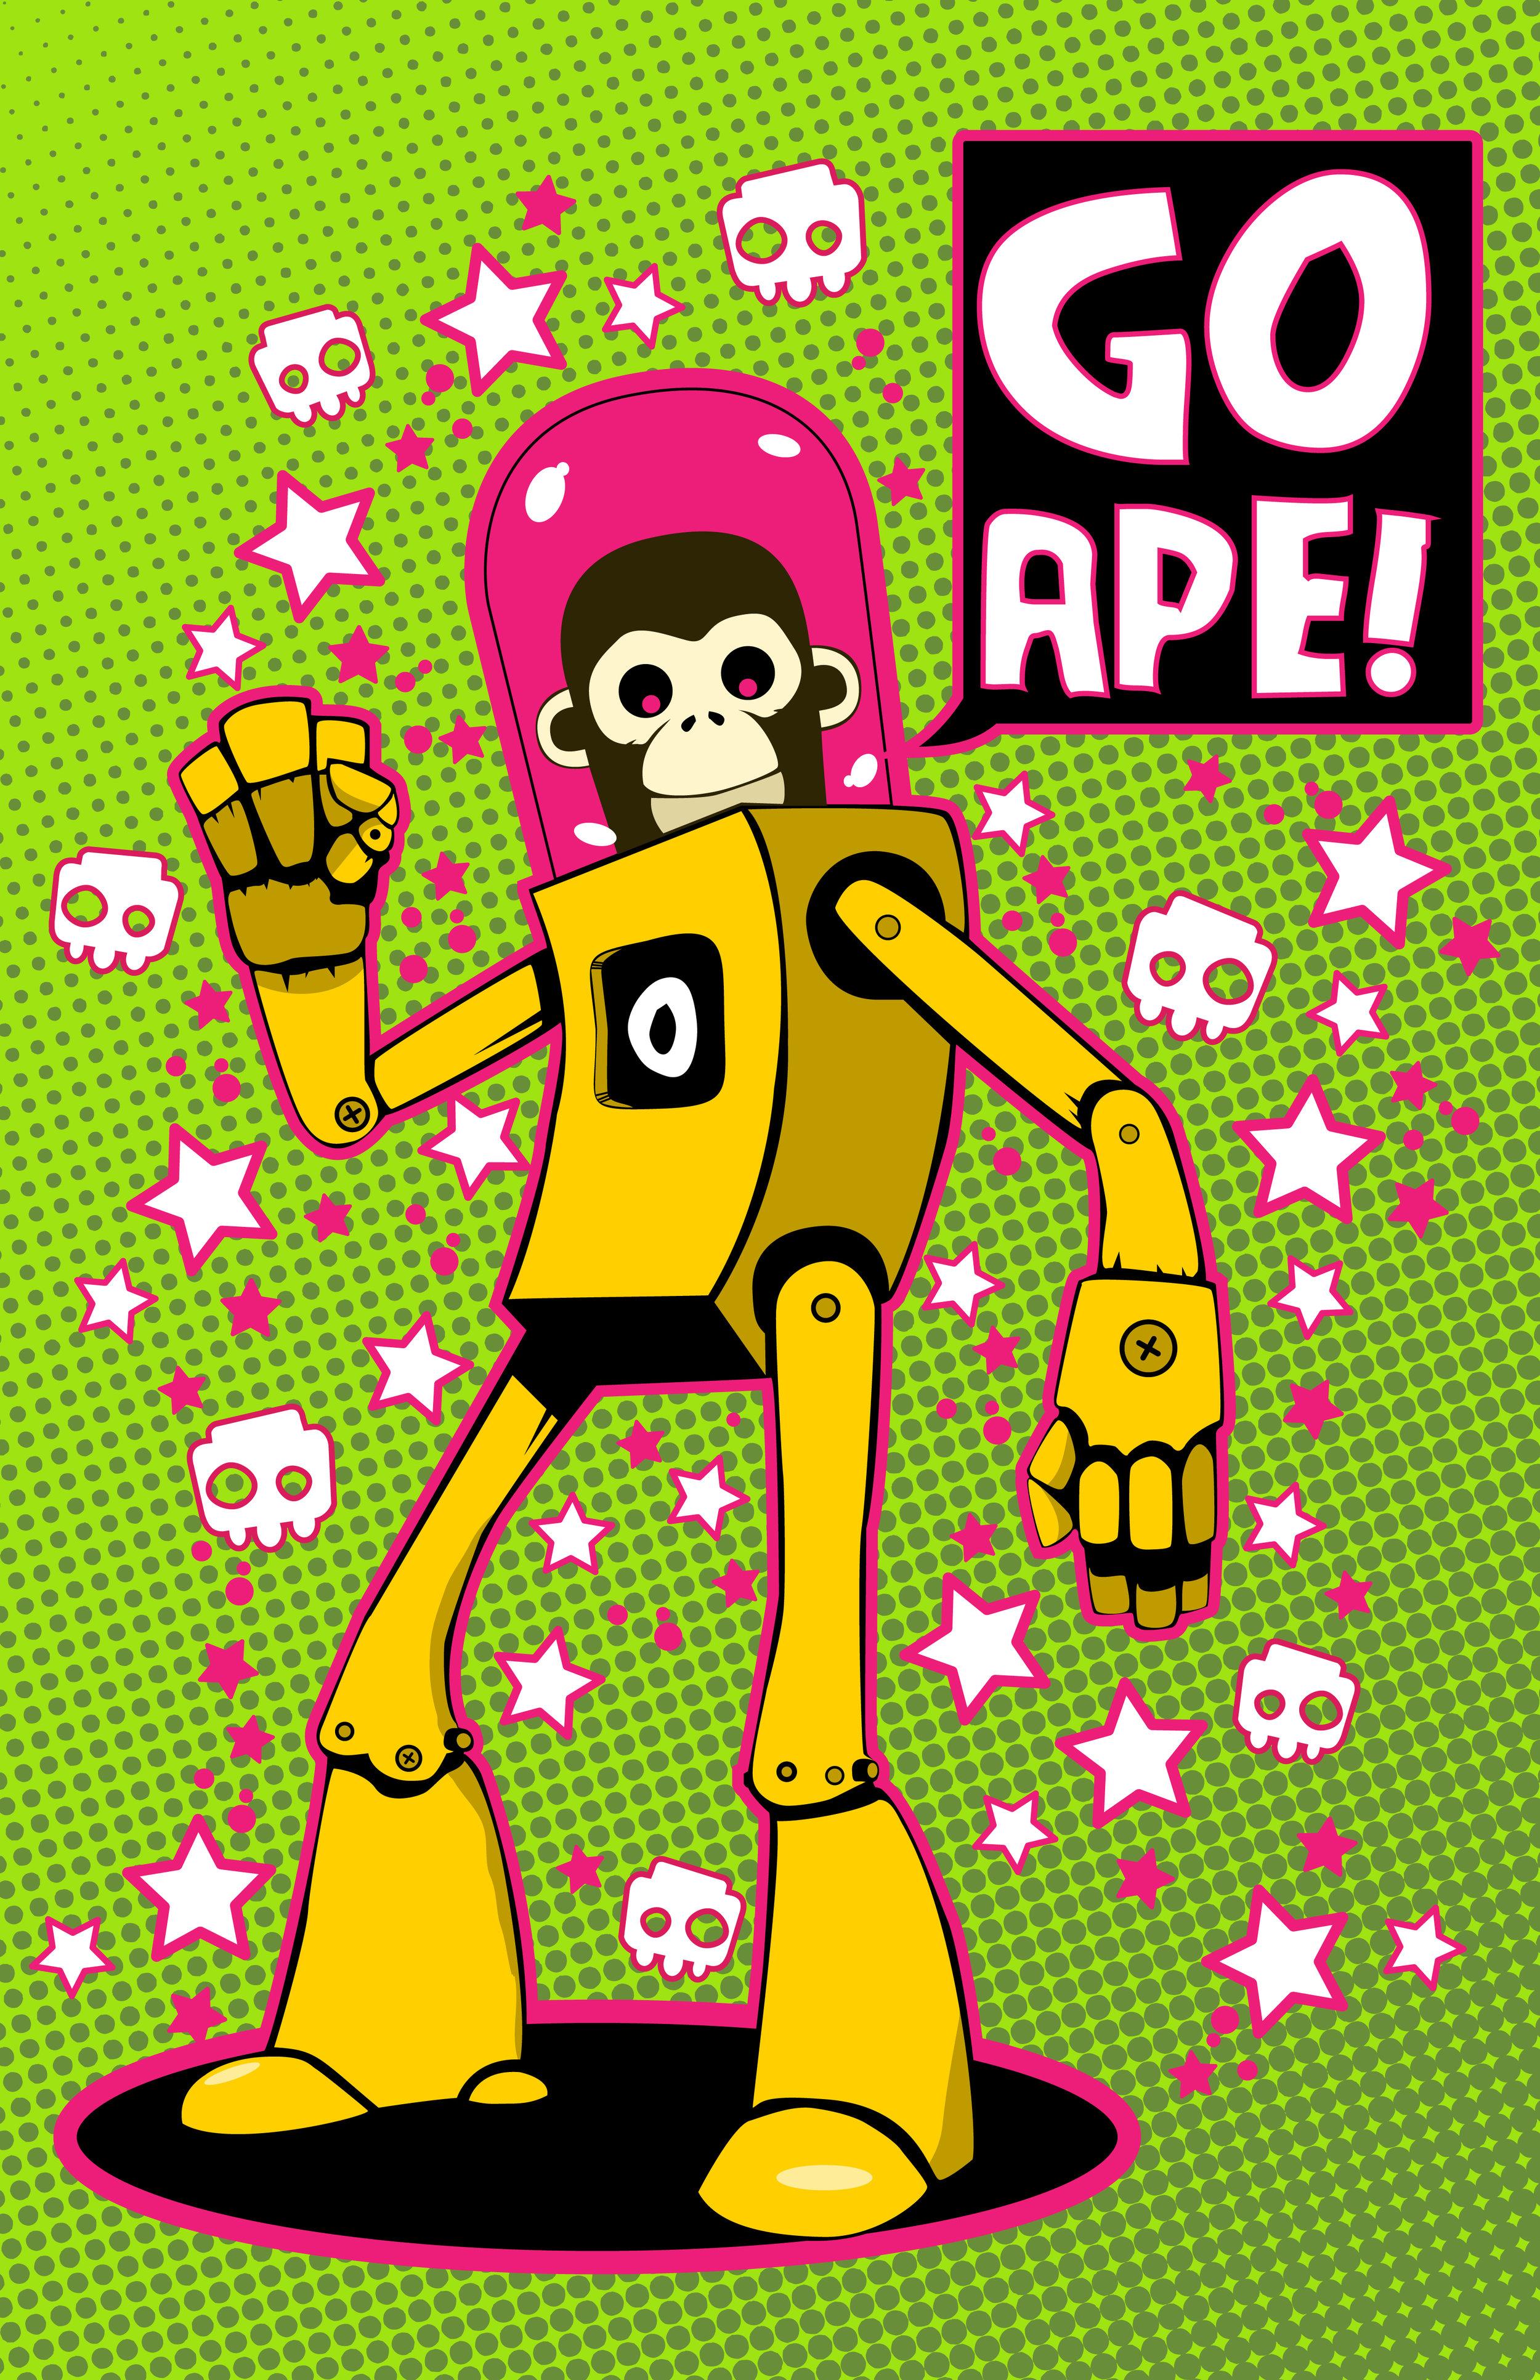 go-ape-poster.jpg